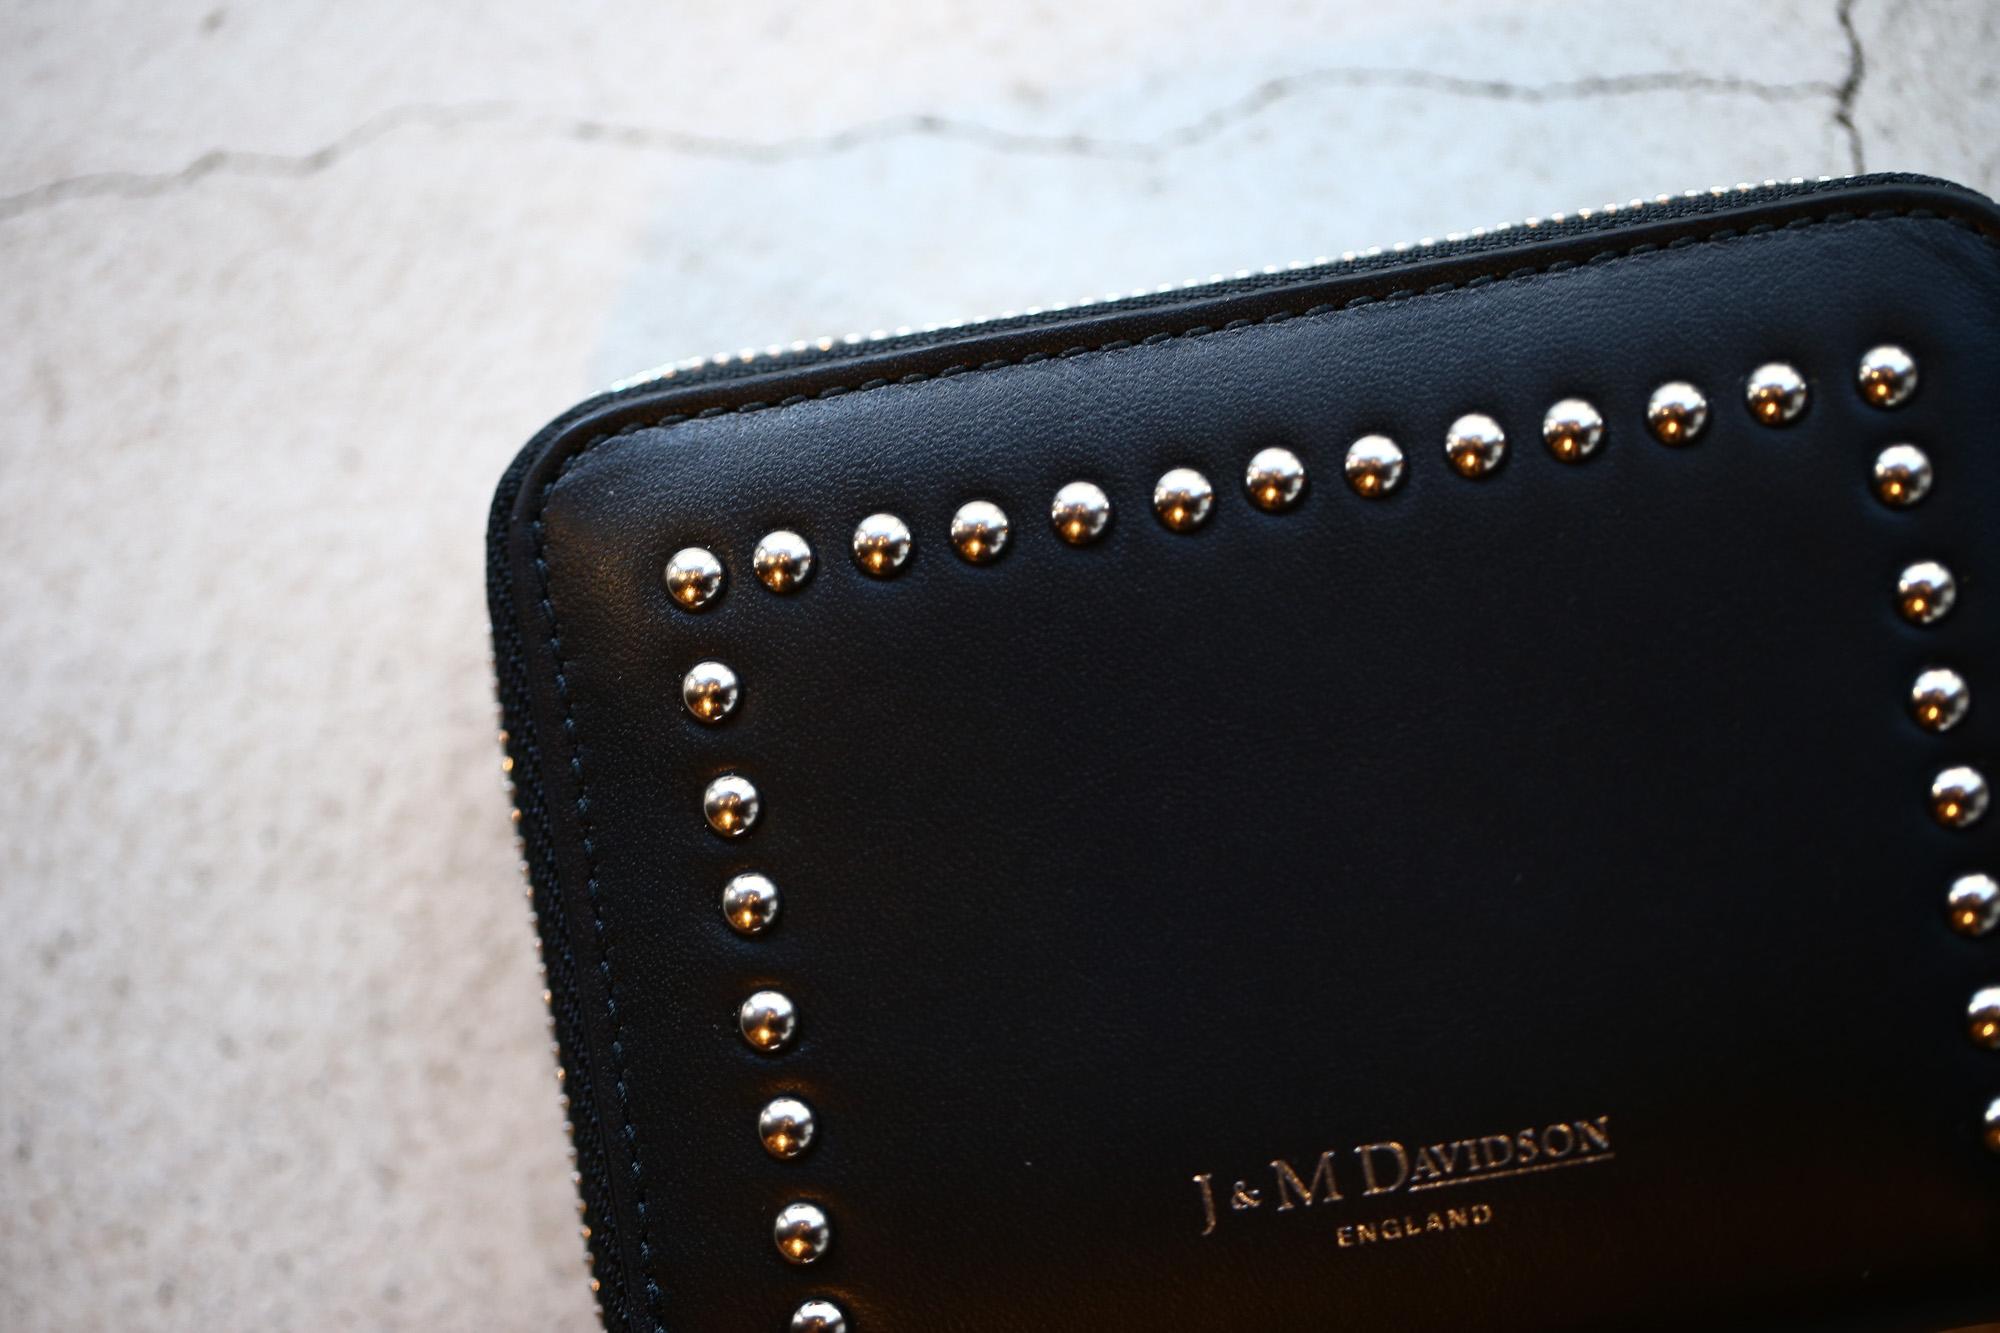 J&M DAVIDSON (ジェイアンドエムデヴィッドソン) JET SET COLLECTION (ジェットセット コレクション) SMALL ZIP PURSE WITH STUDS (スモール ジップ パース ウィズ スタッズ) 10131N CALF LEATHER (カーフレザー) 折財布 ショートウォレット BLACK (ブラック・999) Made in spain (スペイン製) 2017 秋冬新作 jmdavidson 愛知 名古屋 ZODIAC ゾディアック